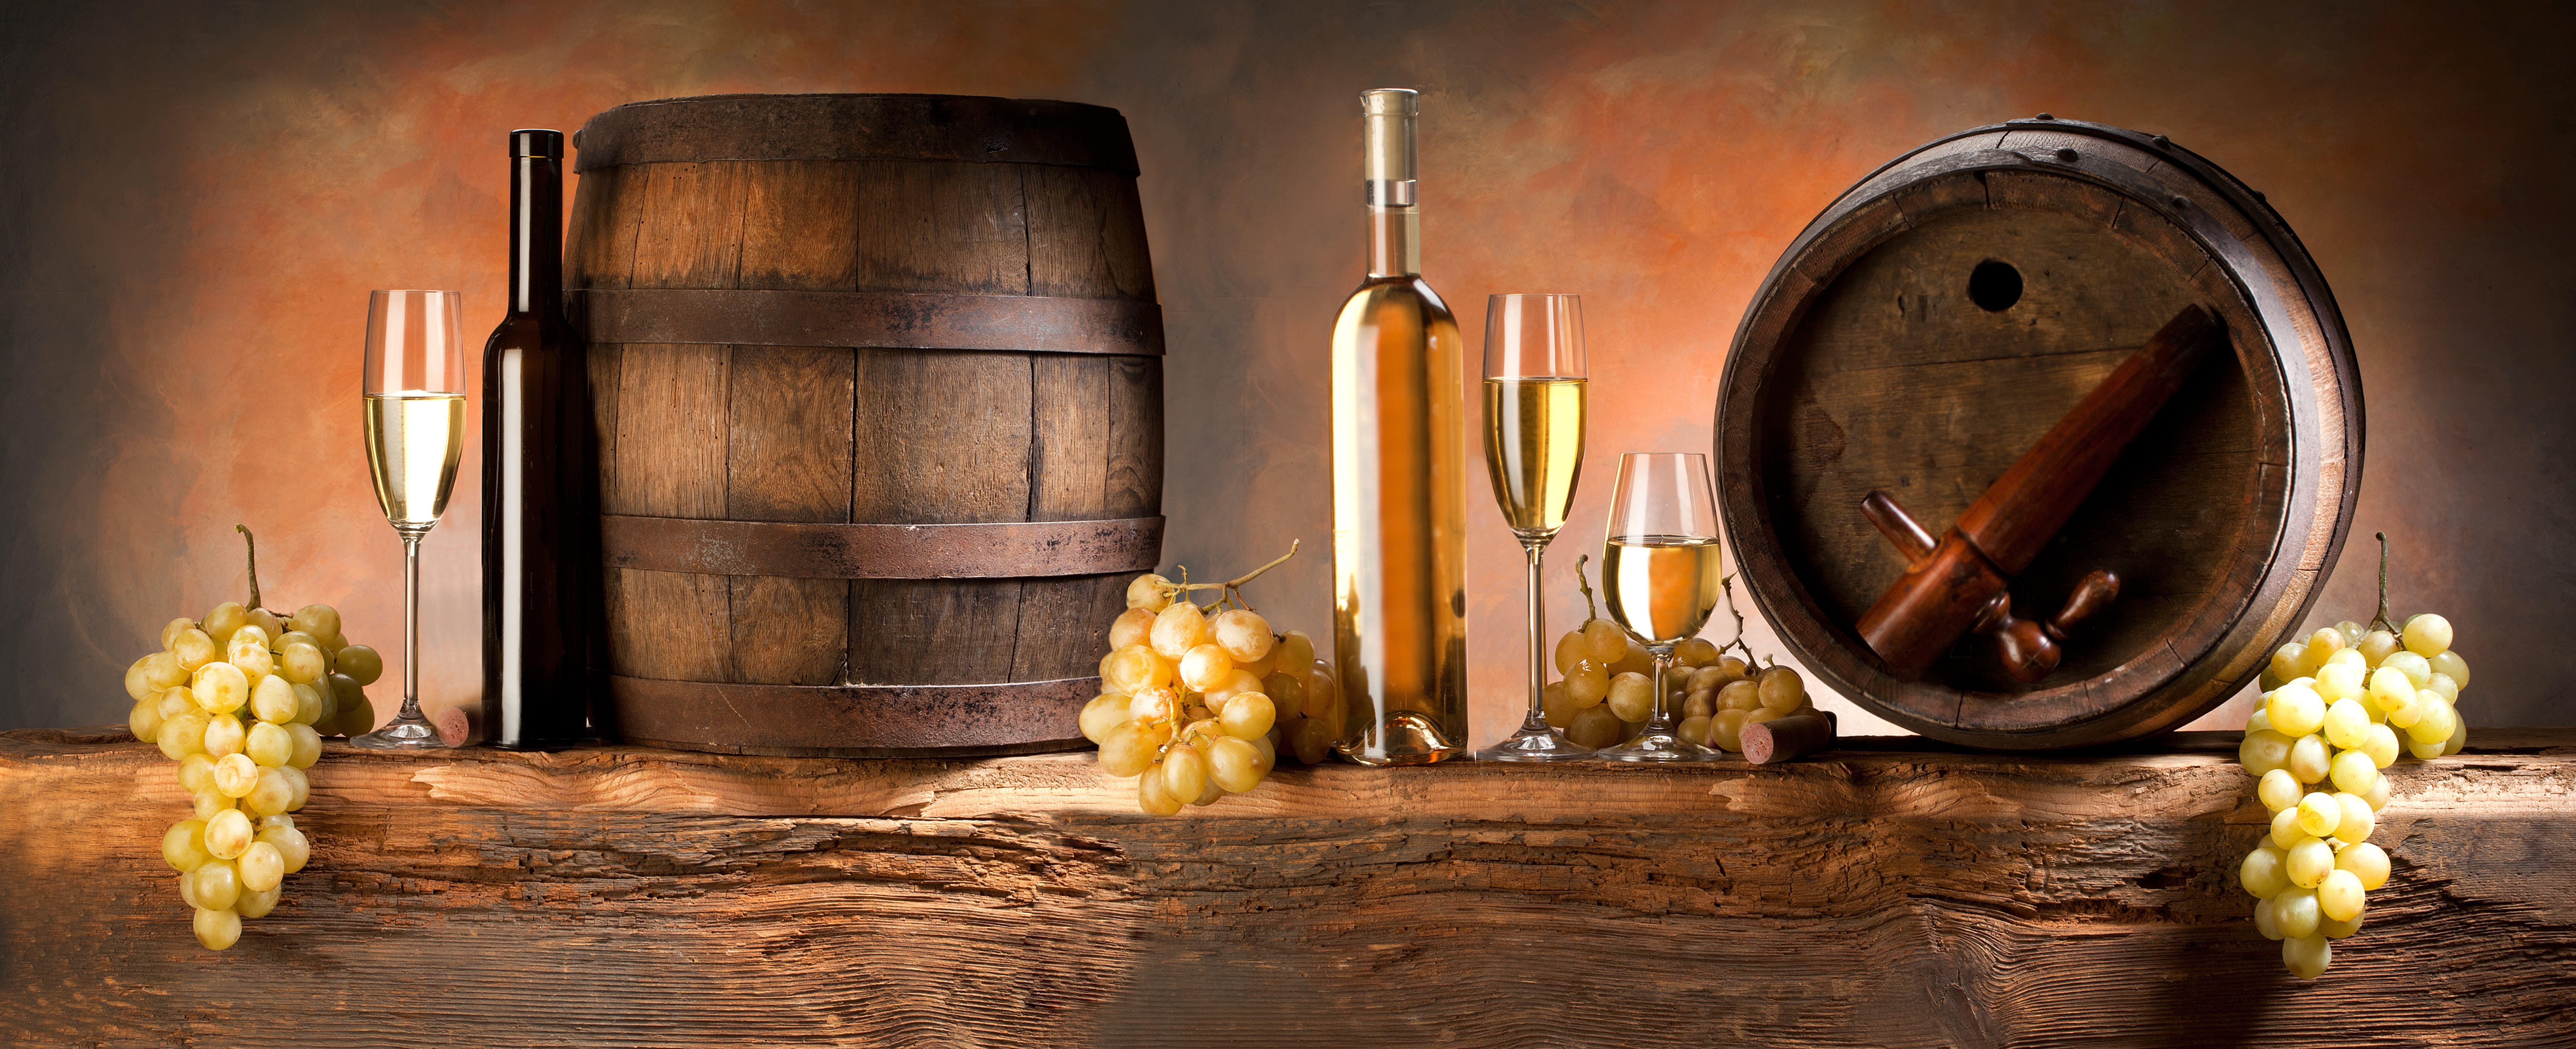 Wein 5k retina ultra hd wallpaper and hintergrund - Barril de vino ...